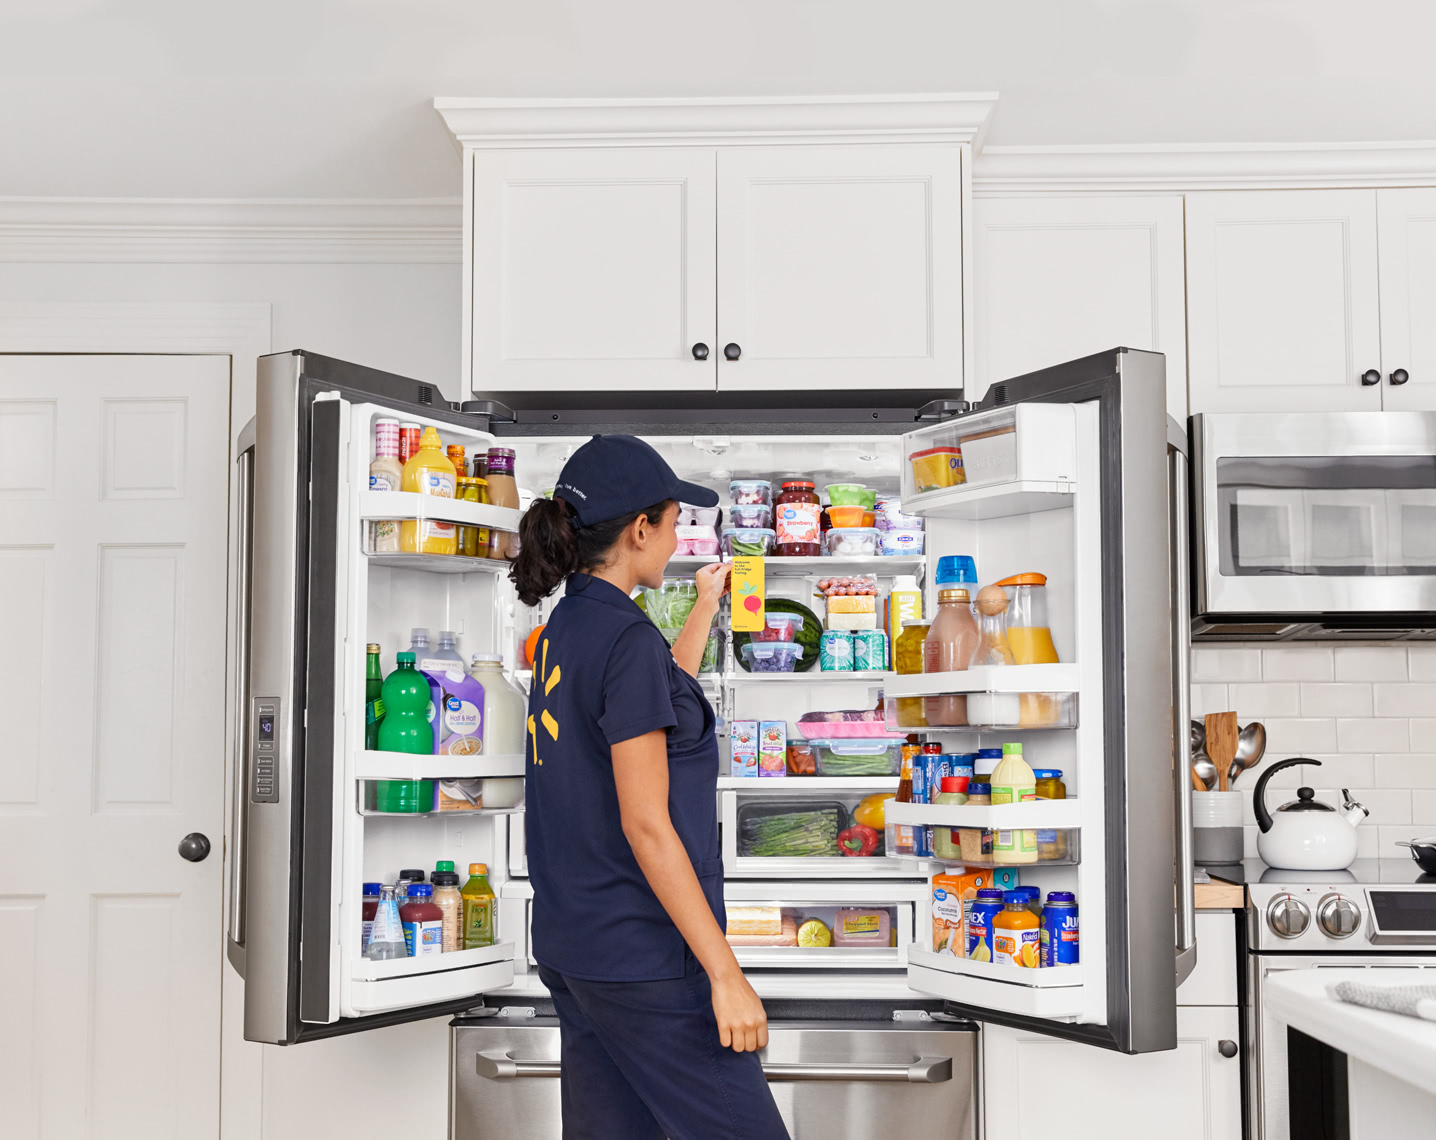 Walmart запустила сервис доставки продуктов до холодильника, курьер приносит их в дом и сам открывает дверь смартфоном